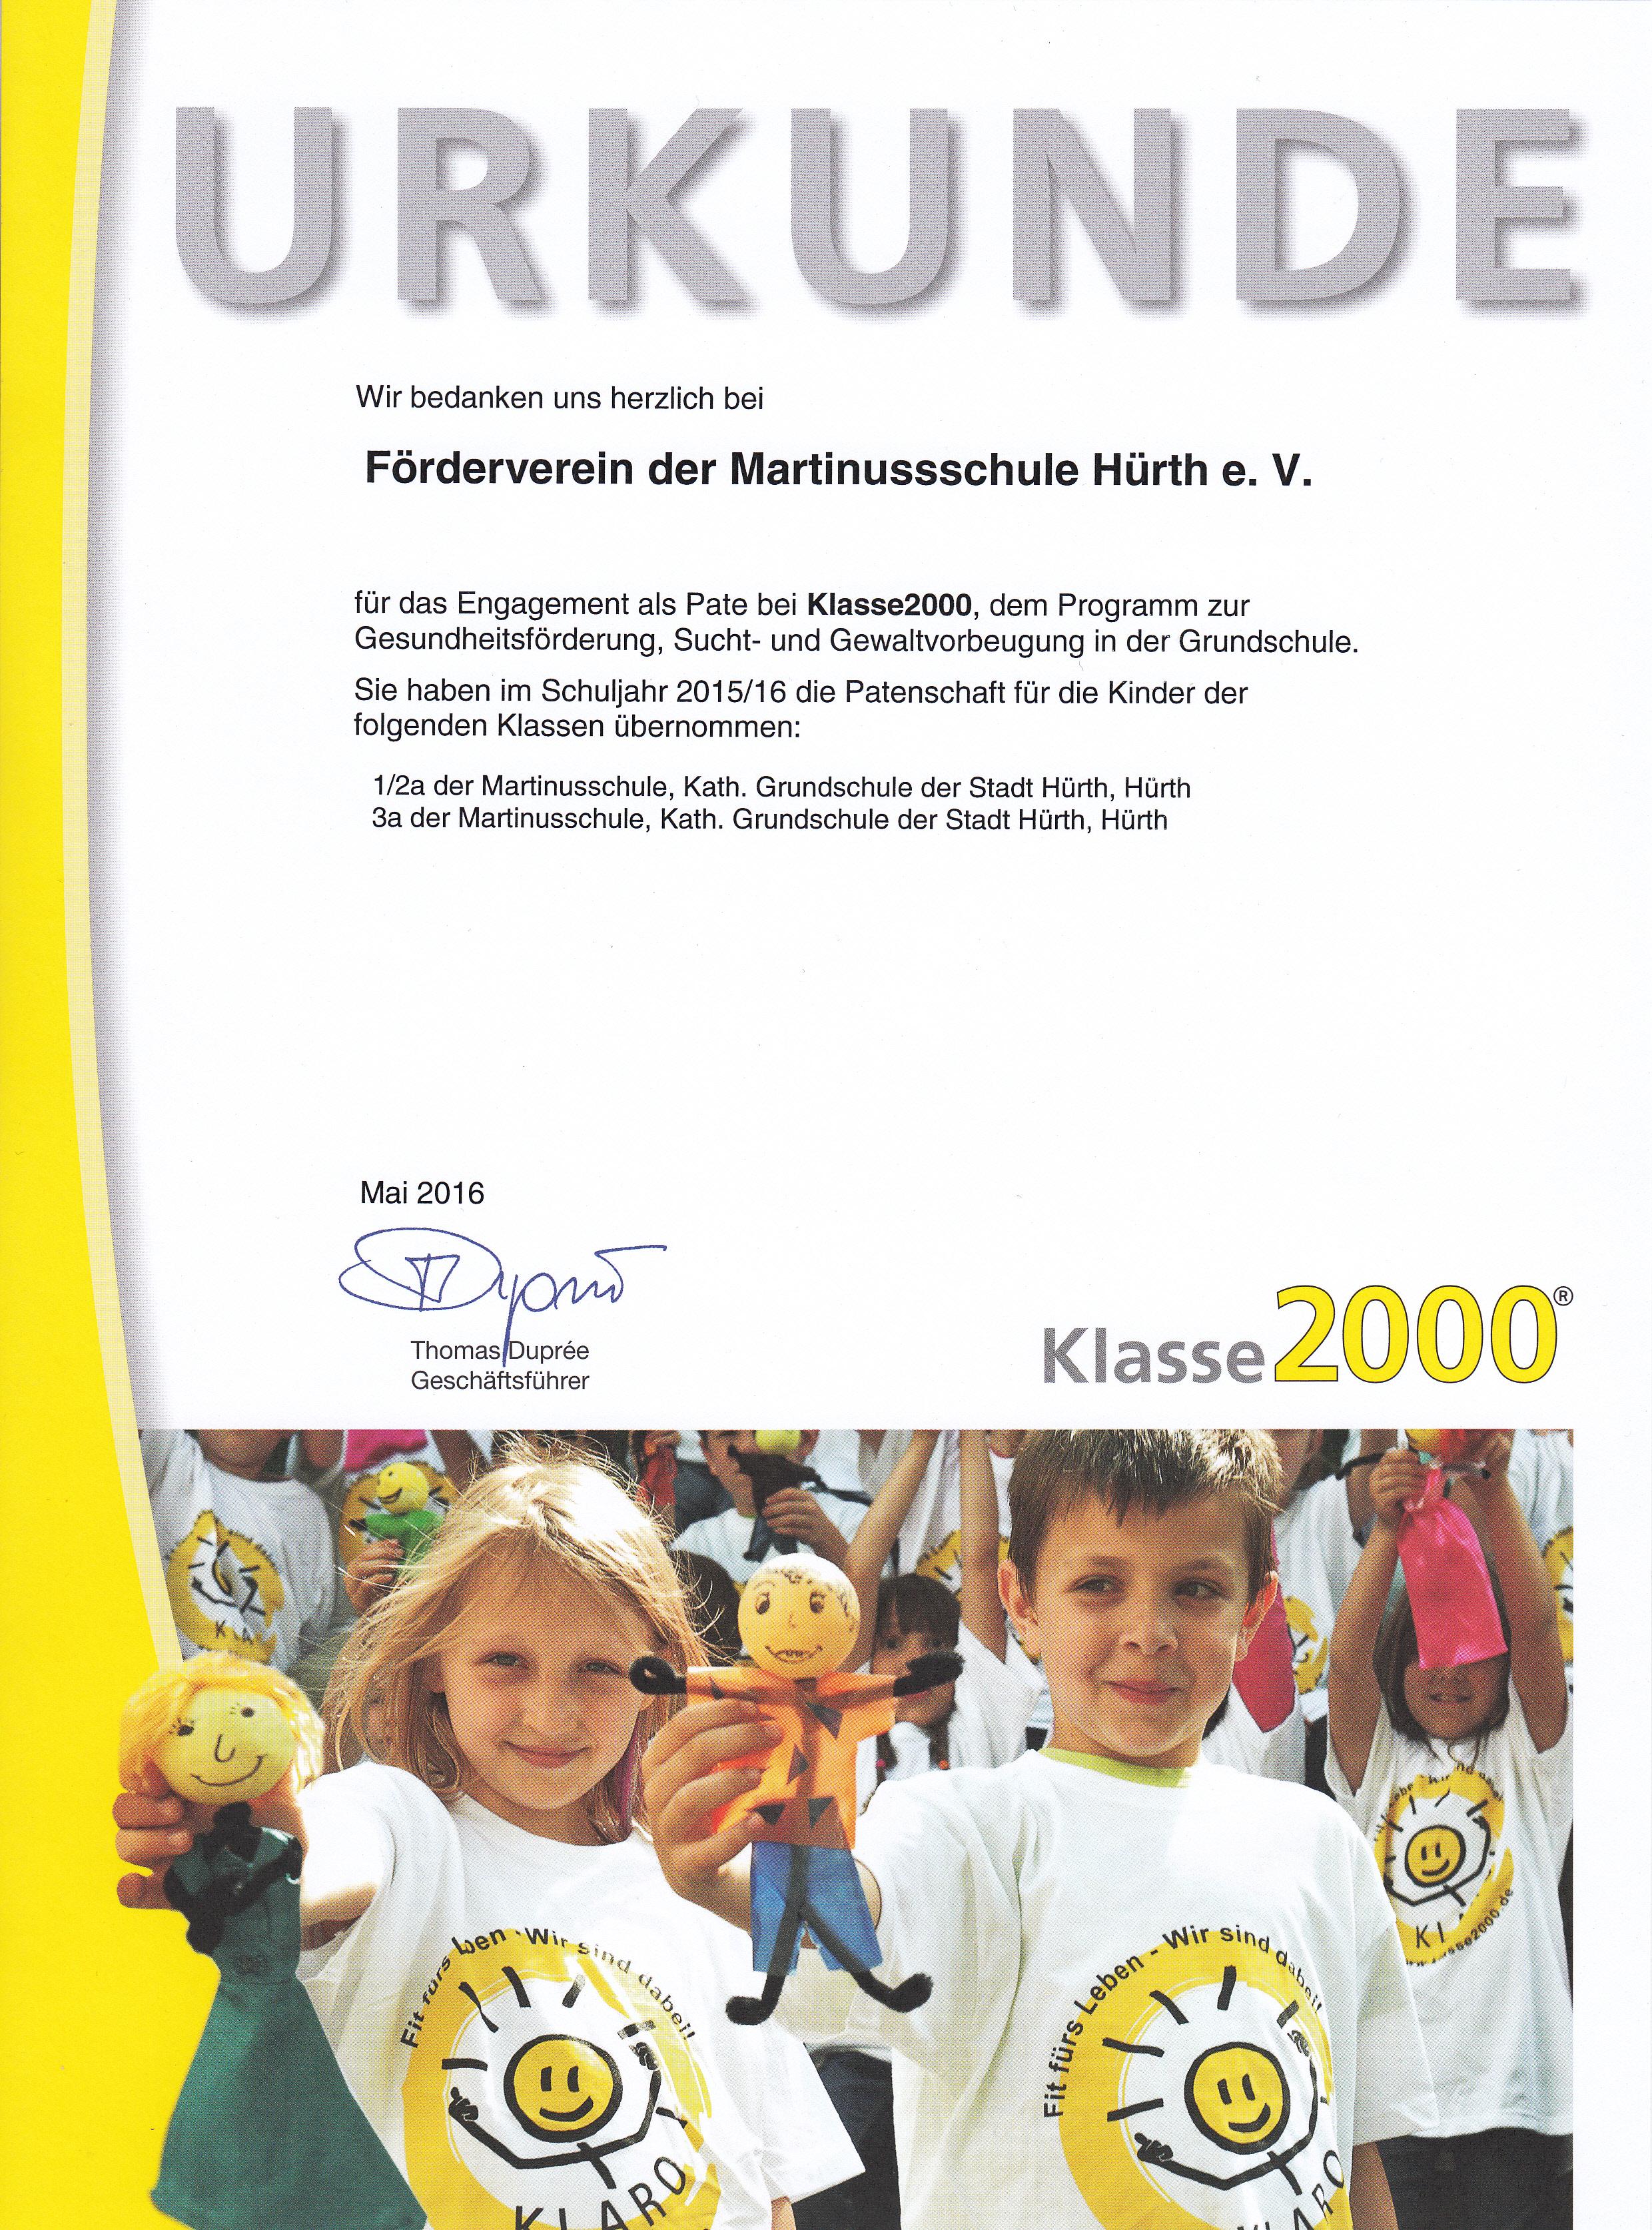 Klasse_2000_0003.jpg